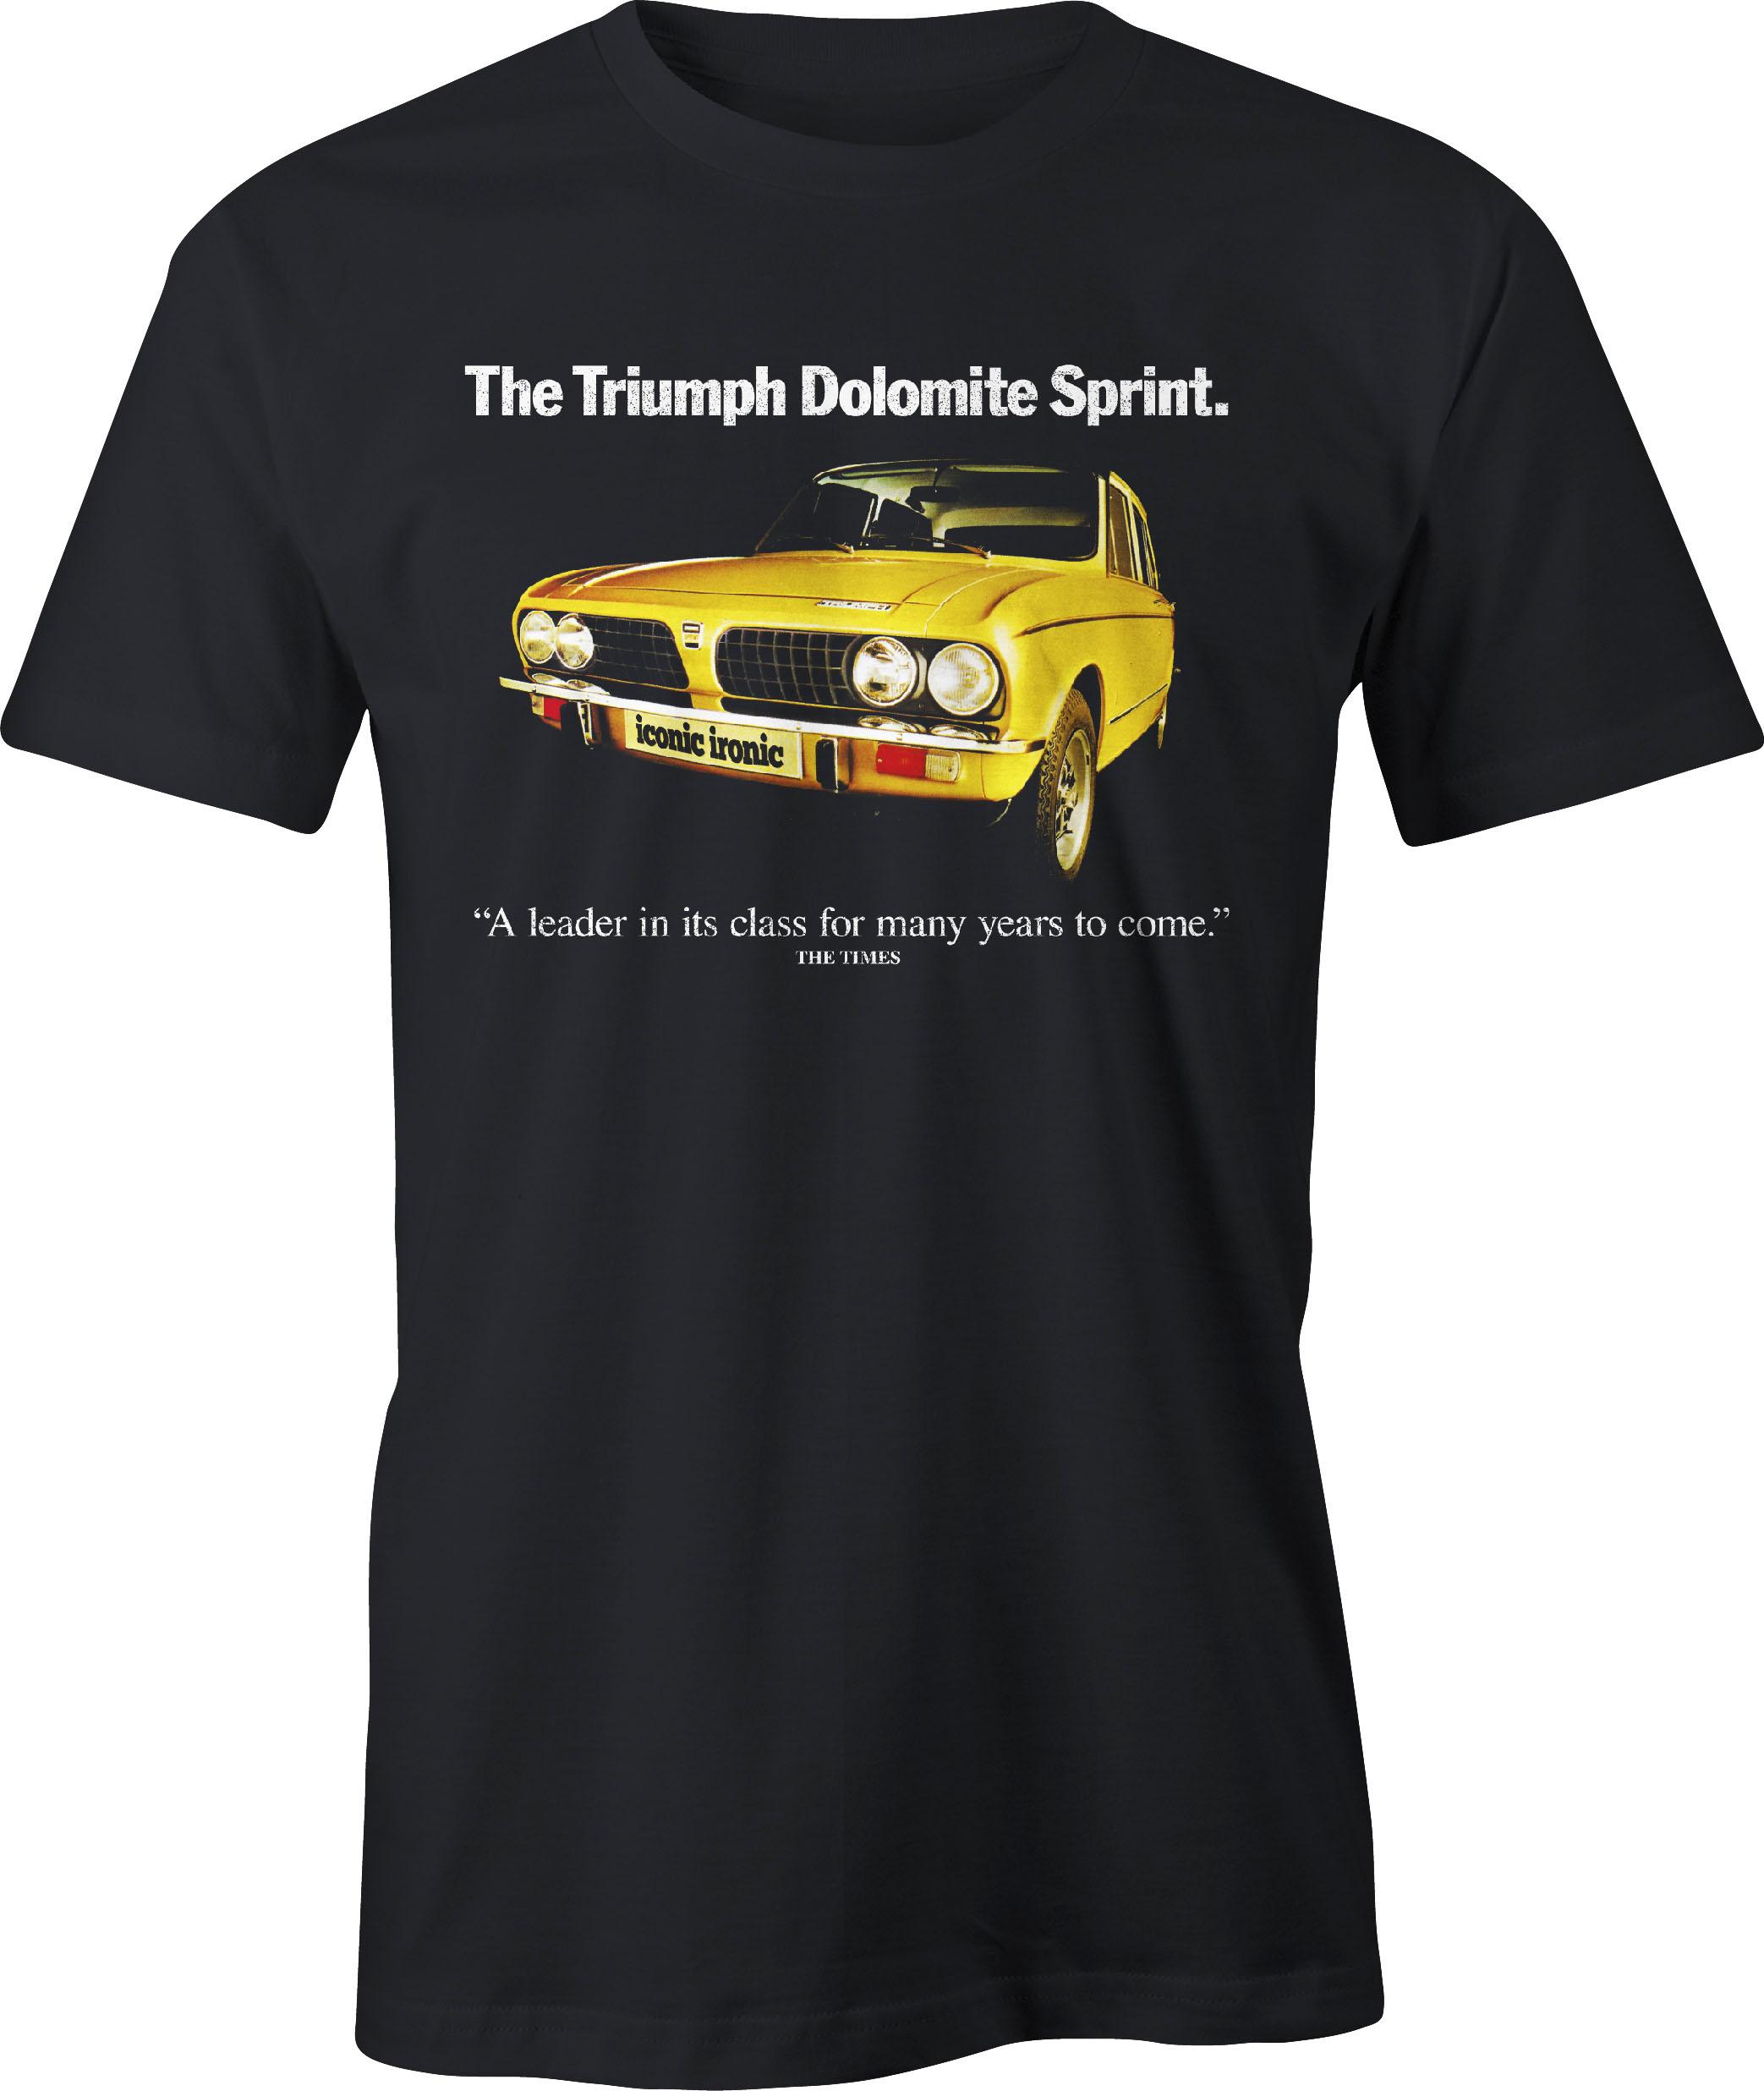 Triumph Dolomite Sprint retro ad t shirt in black